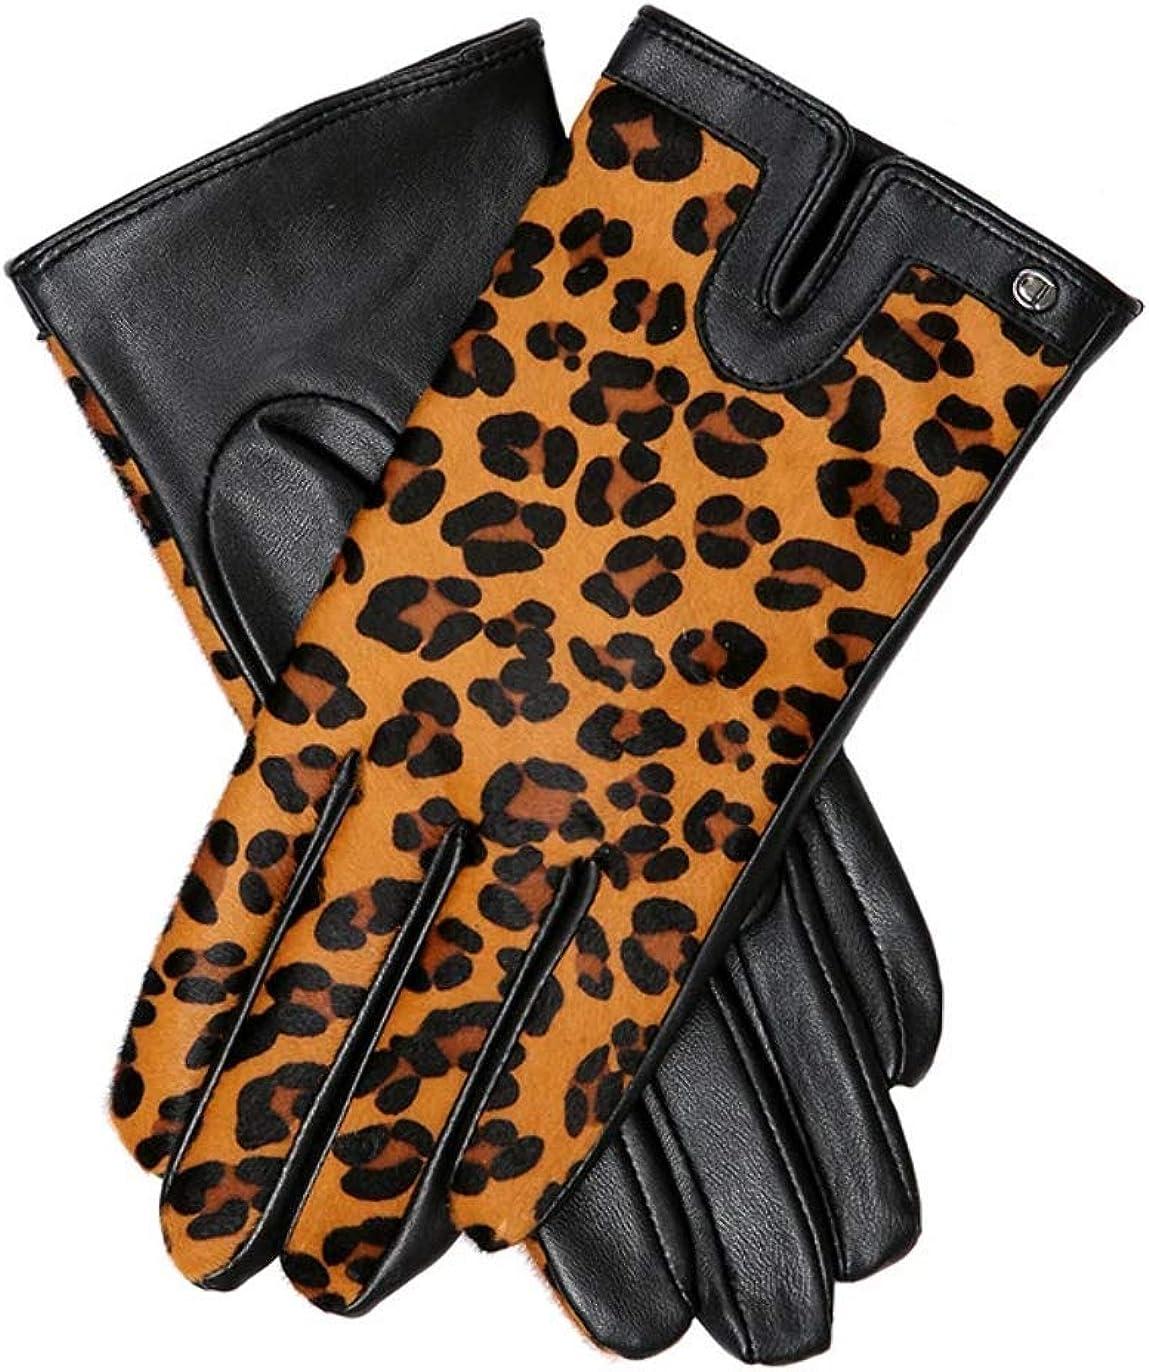 Dents Womens Violet Gloves - Black/Tan